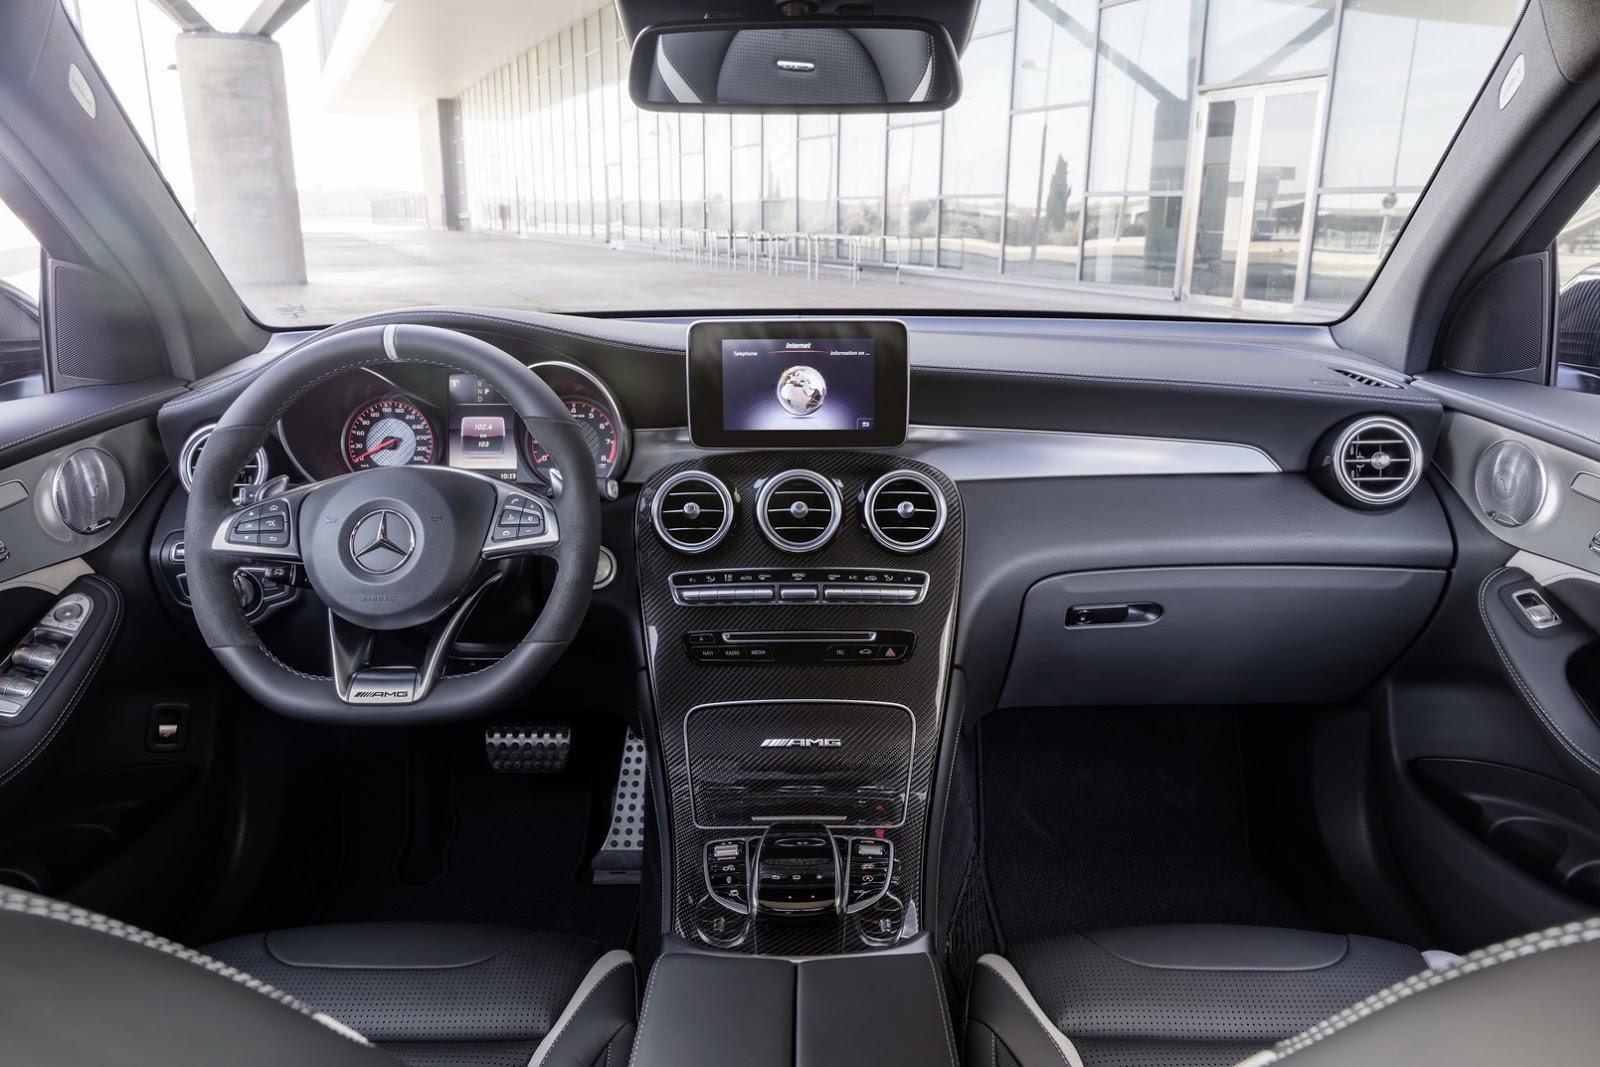 Mercedes-AMG GLC 63 2018 (27)